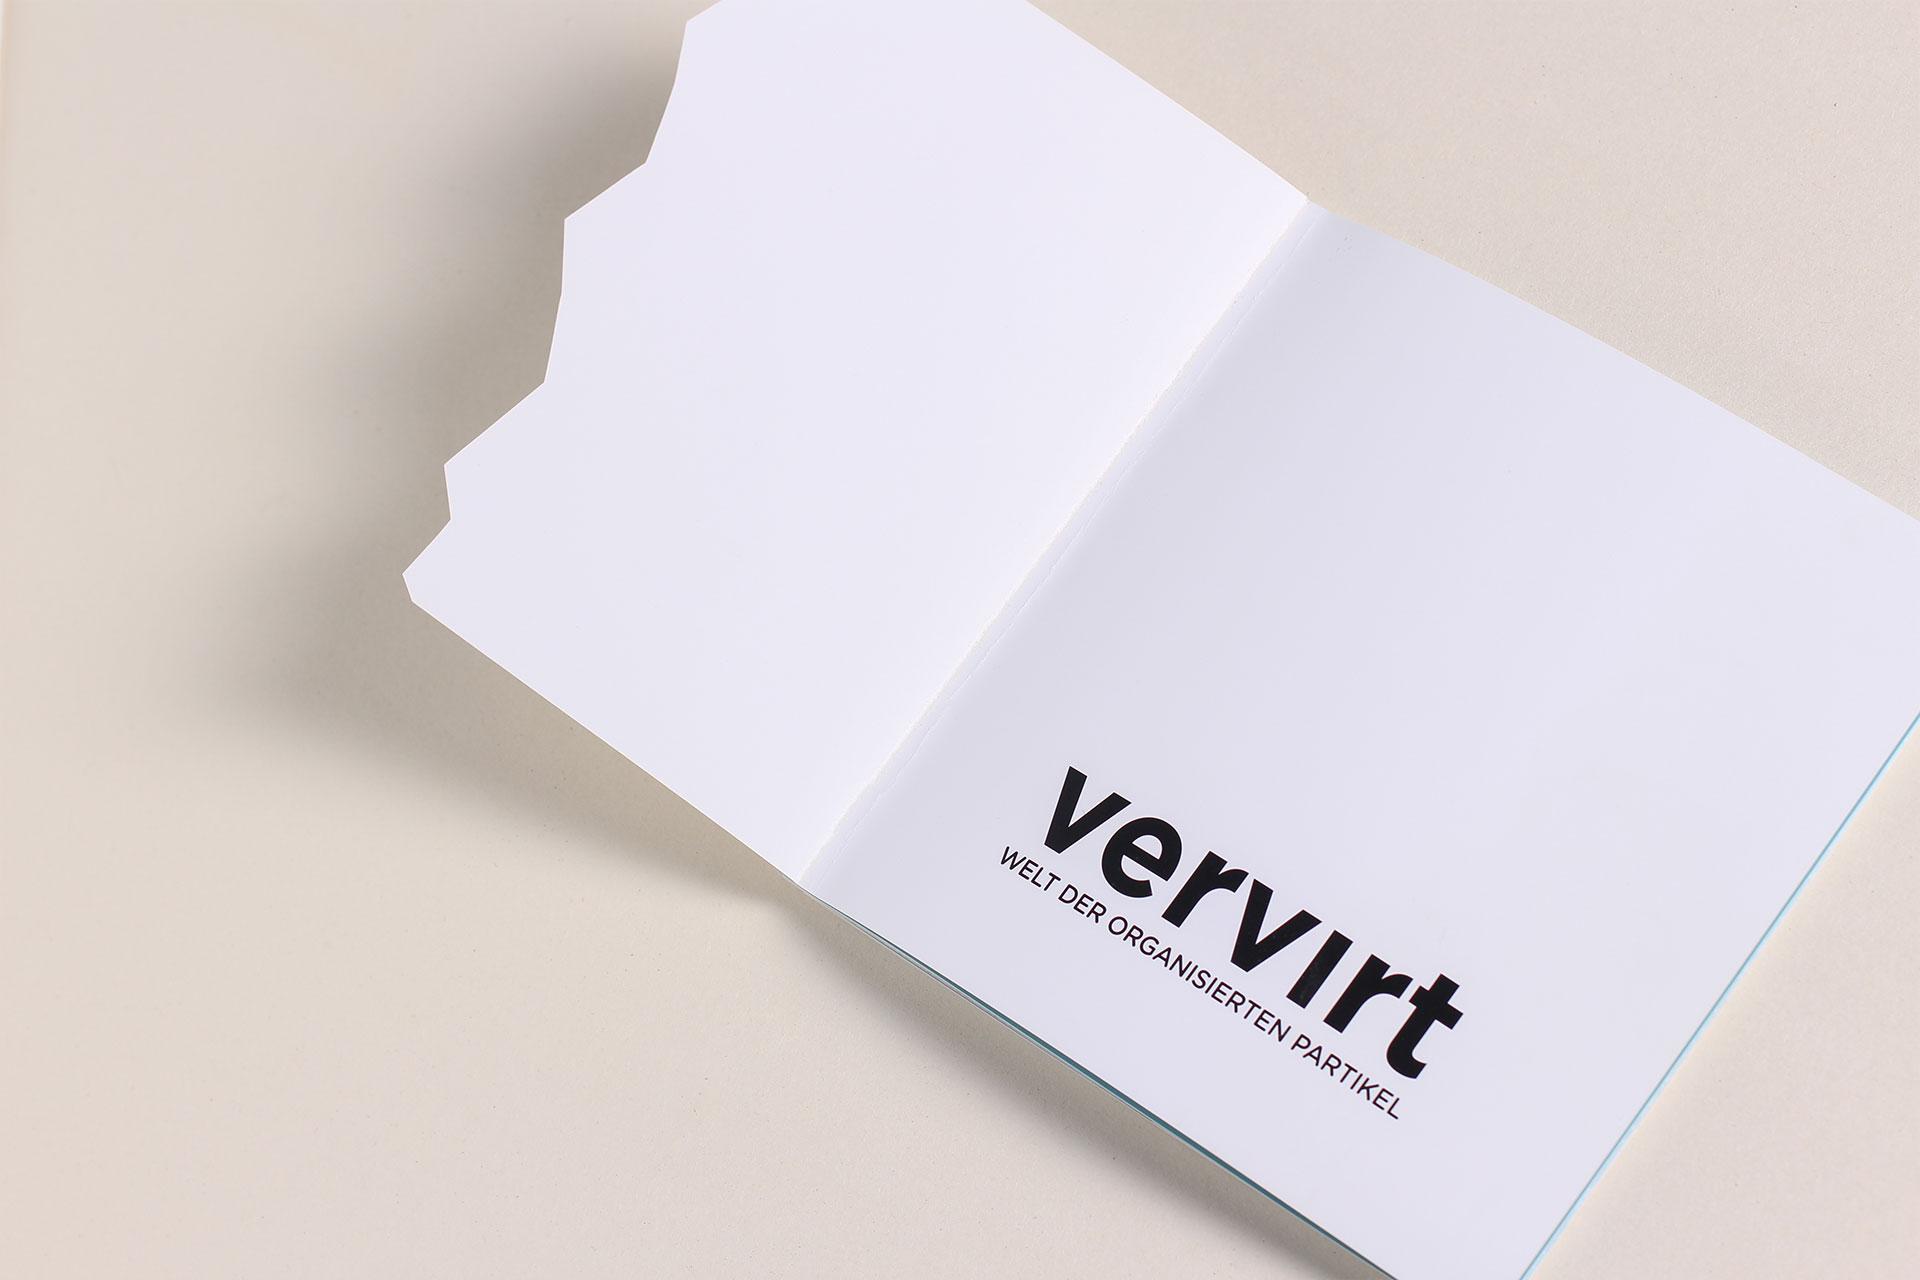 vervirt_port_1